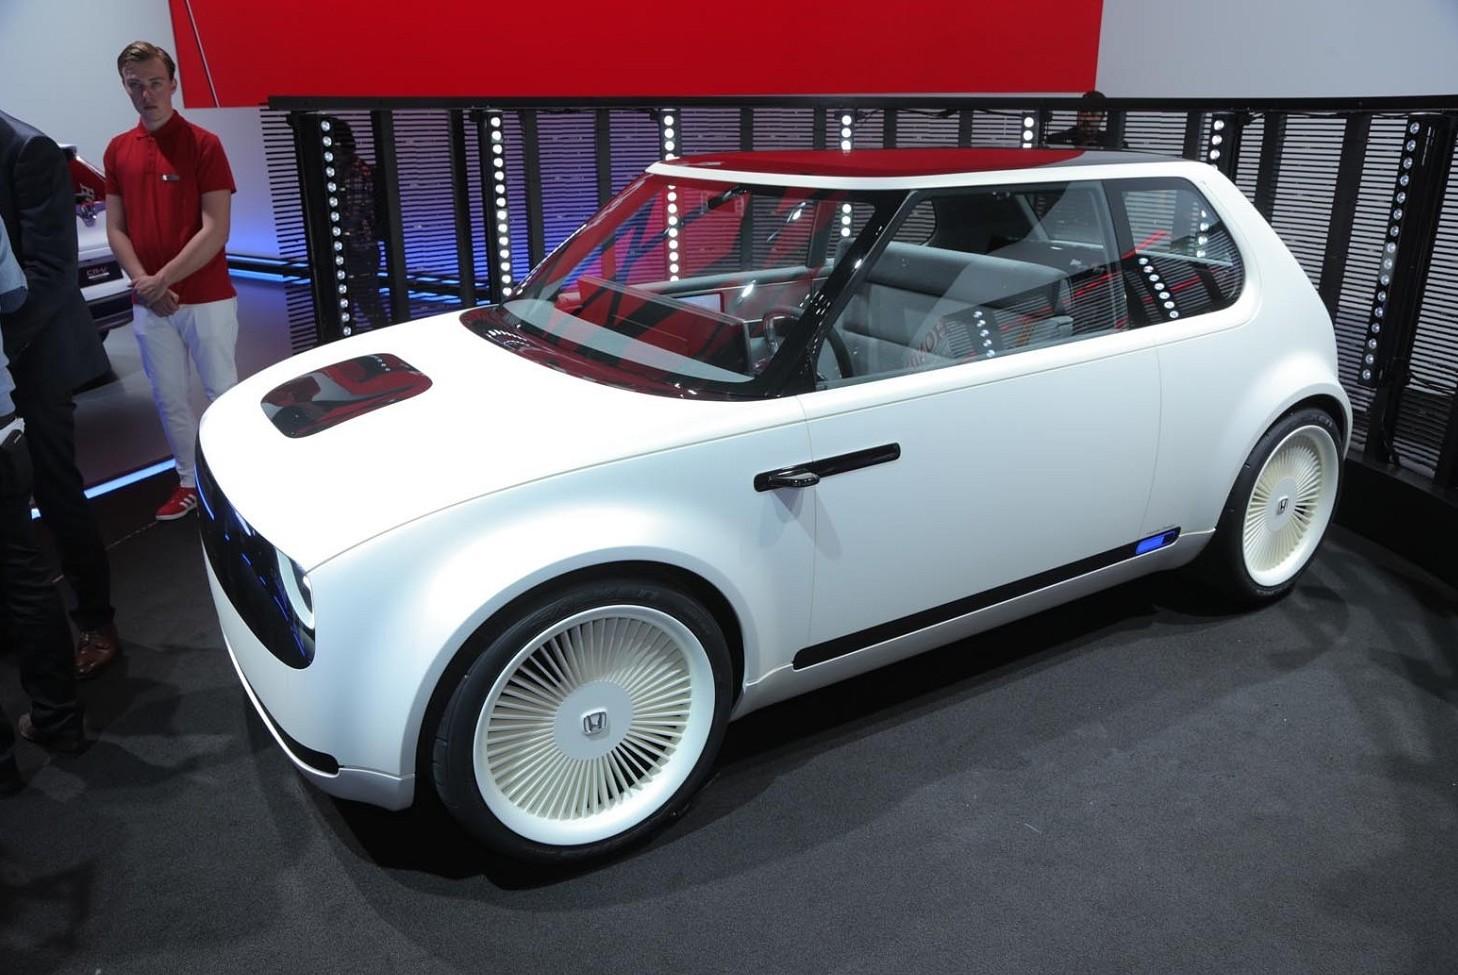 Honda EV, Honda Jazz nuove city car Hond